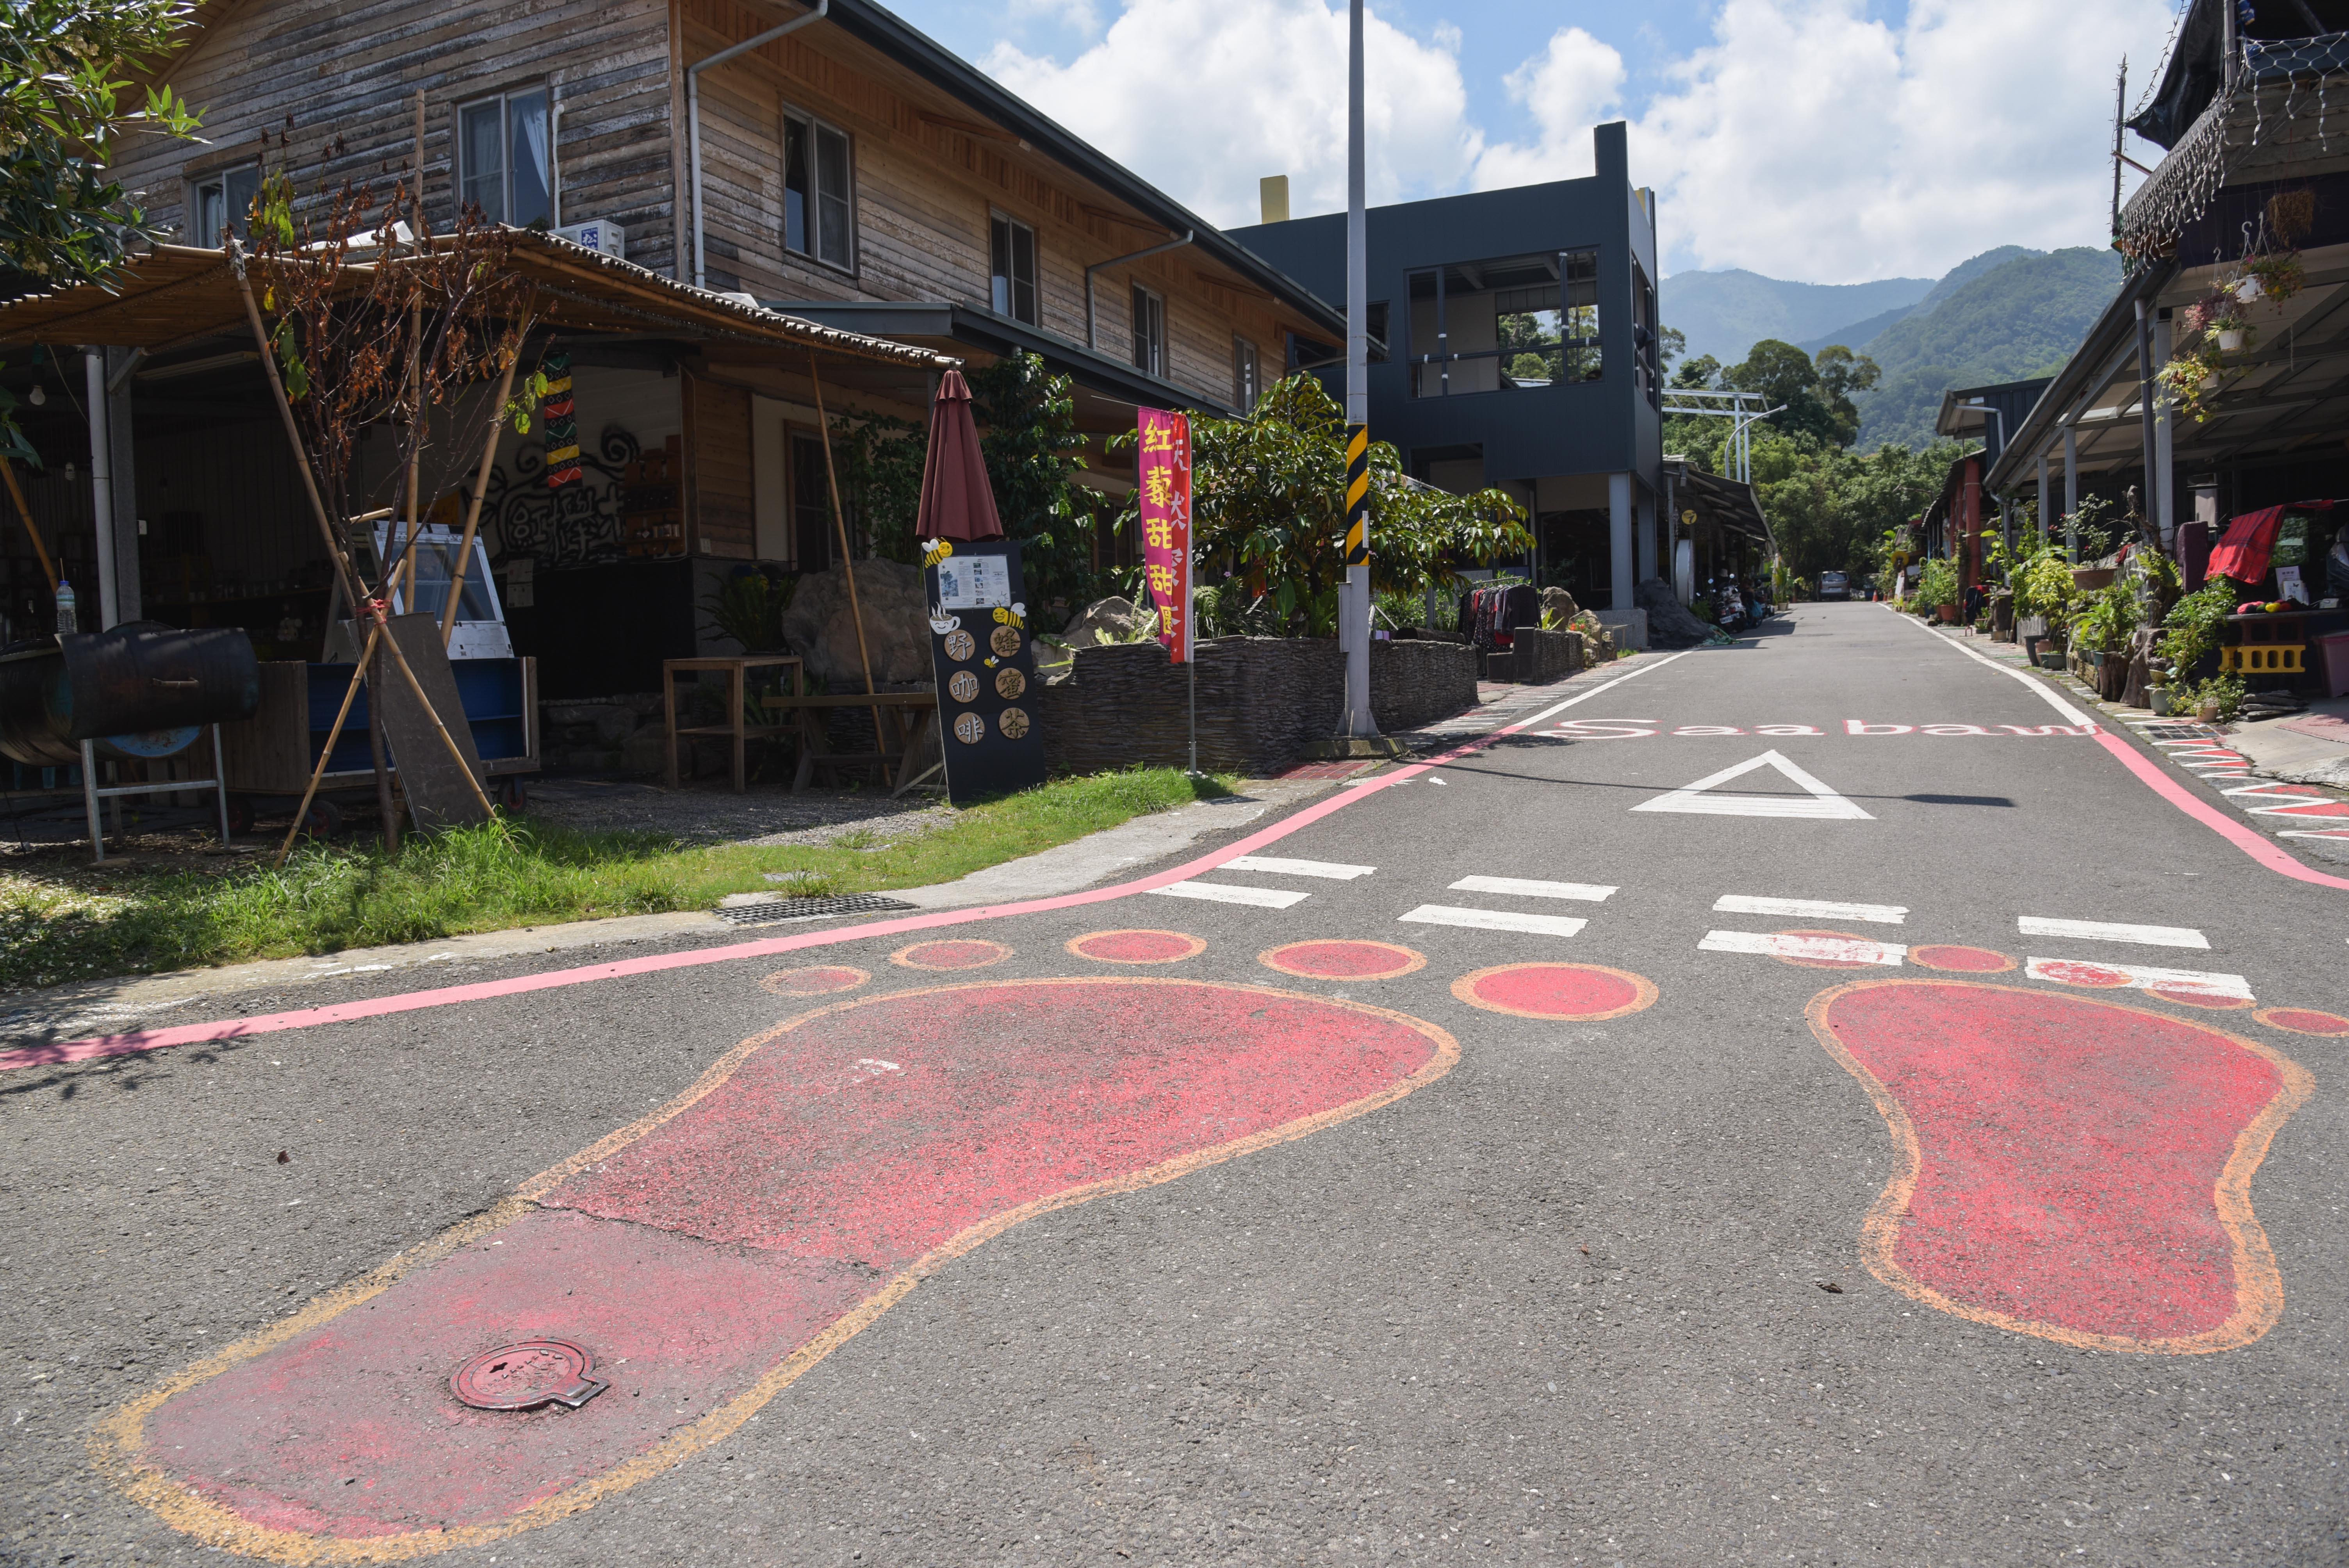 好茶集落のランドマーク(巨大な足跡)